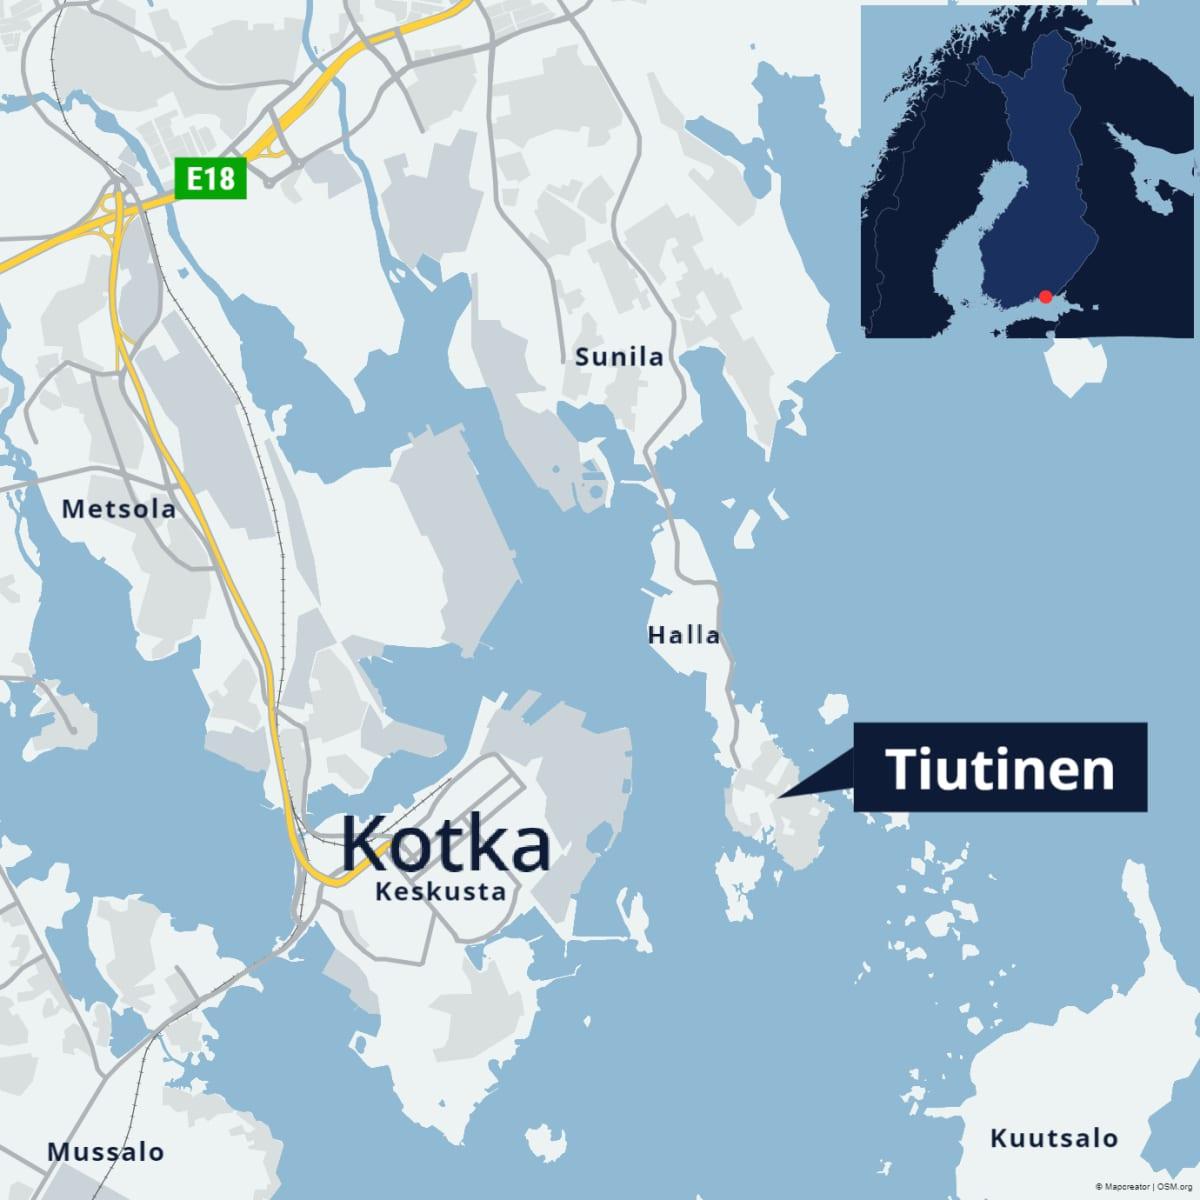 Kartta, joka näyttää Kotkan Tiutisen saaren. Saari sijaitsee Kotkansaaren eli Kotkan keskustan vieressä. Saareen kuljetaan tietä pitkin.